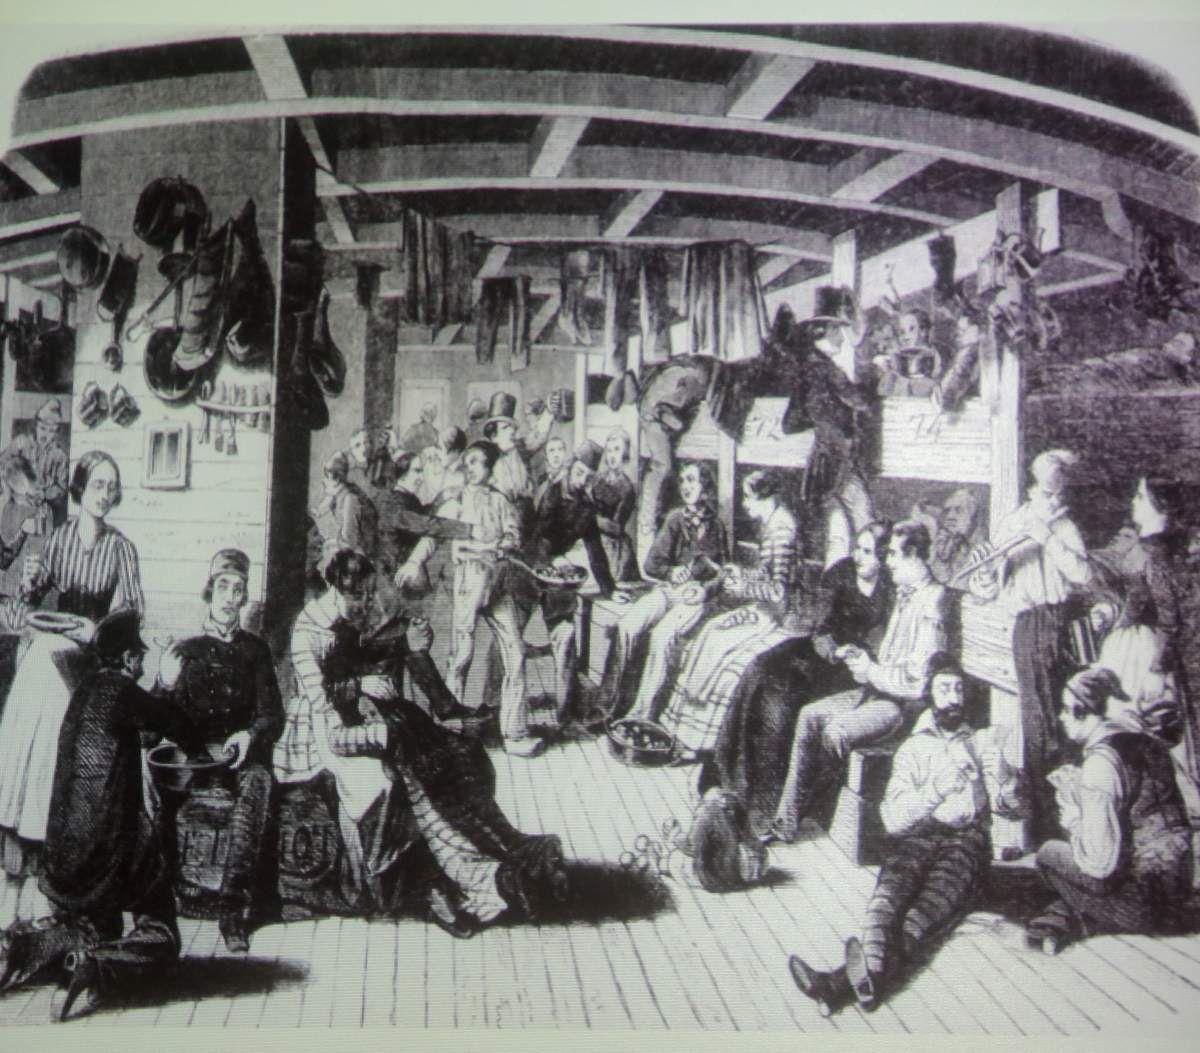 Aufbruchstimmung bei vielen Juden im Alter von 20 bis 25 Jahren, die massenhaft per sechswöchiger Schiffsreise in die USA auswanderten und dort wie die Lehmann-Brüder zu Reichtum, Glanz und Ansehen kamen.